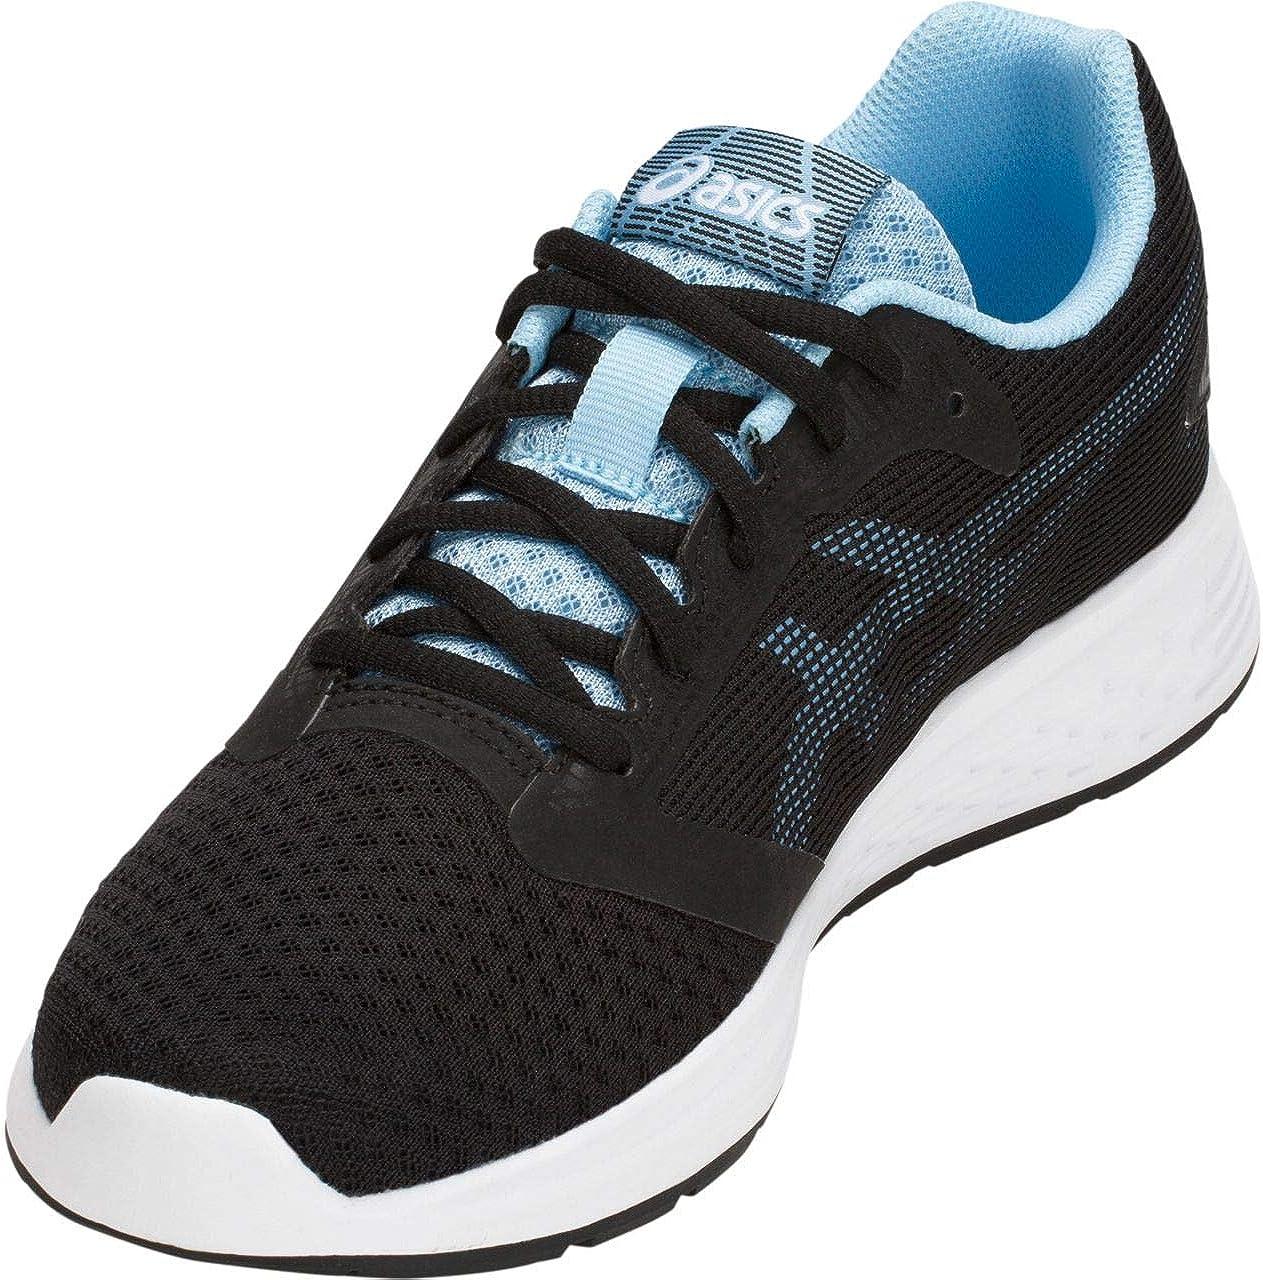 Asics Patriot 10, Zapatillas de Running para Mujer: Asics: Amazon.es: Zapatos y complementos